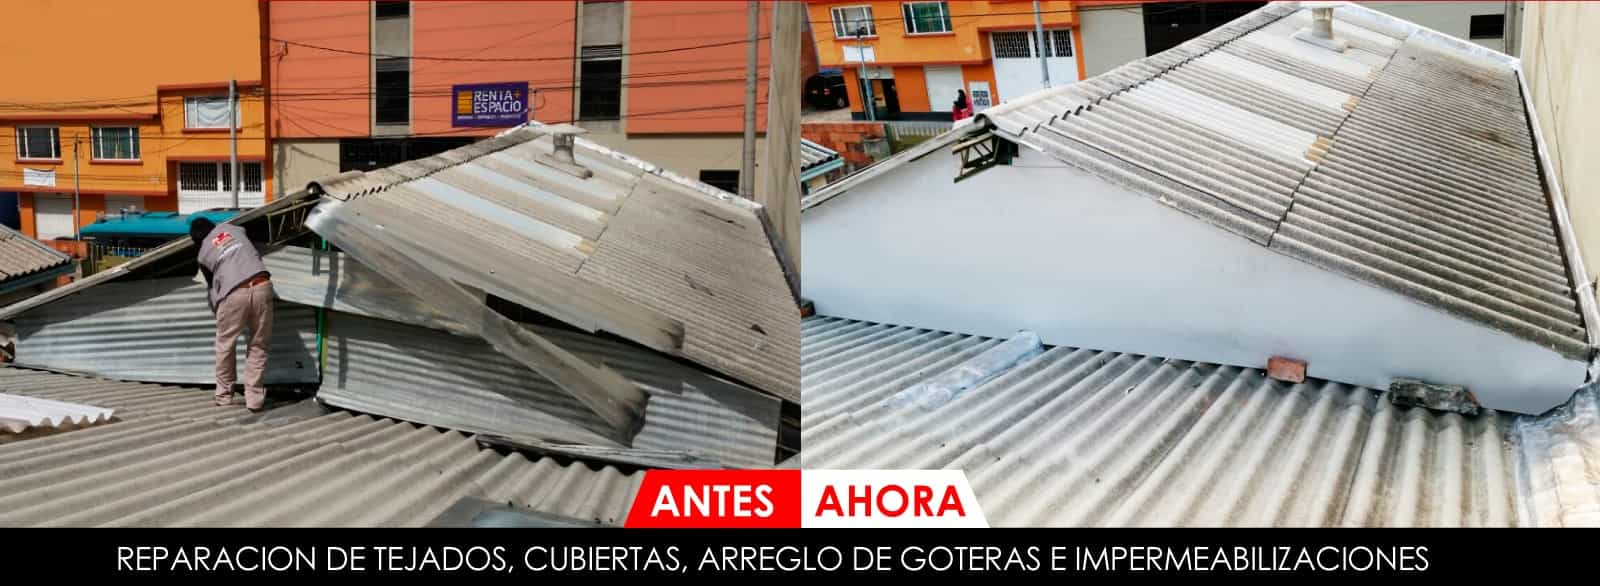 Instalaci n de tejas pl sticas o eternil acusticas tejados - Cubiertas de tejados ...